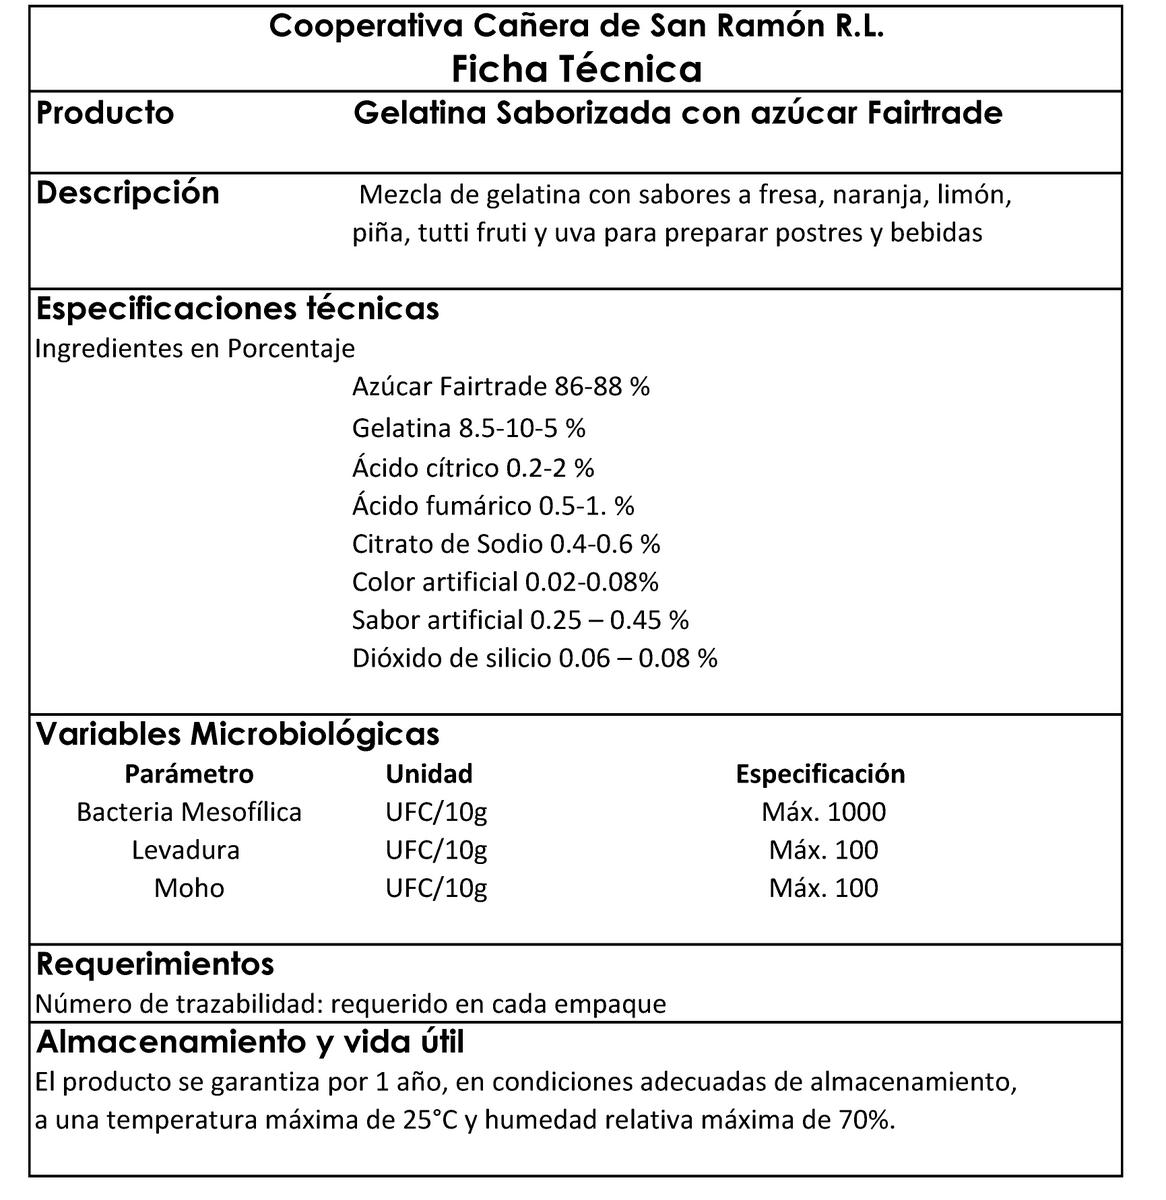 especificaciones tecnicas gelatinas